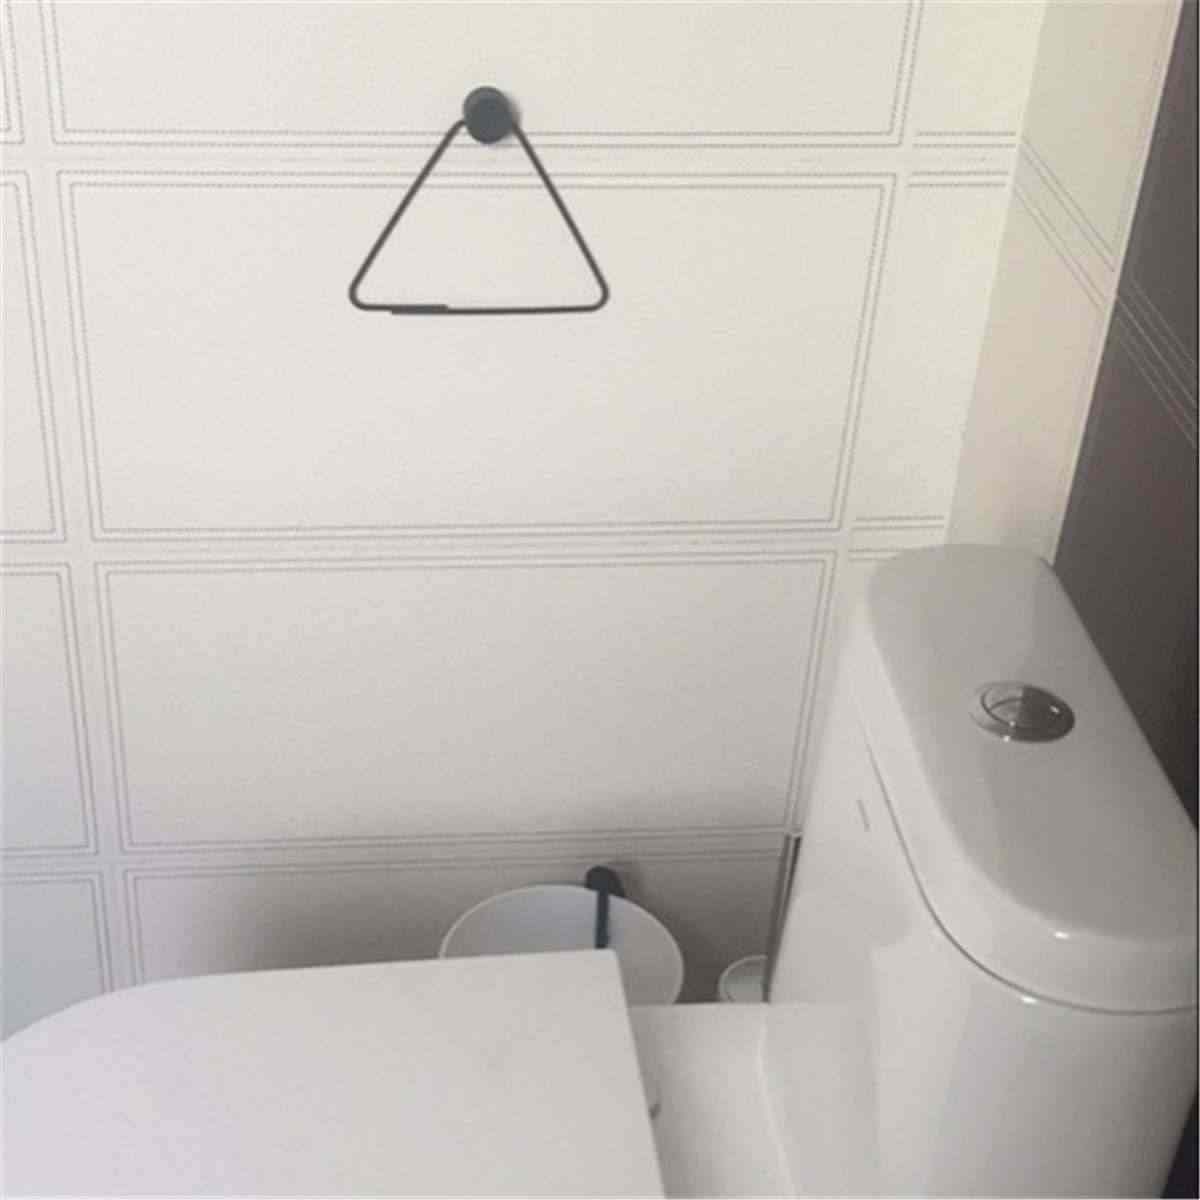 Rangement De Papier Toilette salle de bain tenture murale décoration rangement rack homeware rétro  papier serviette anneau toilette étagère papier toilette créatifs rouleau